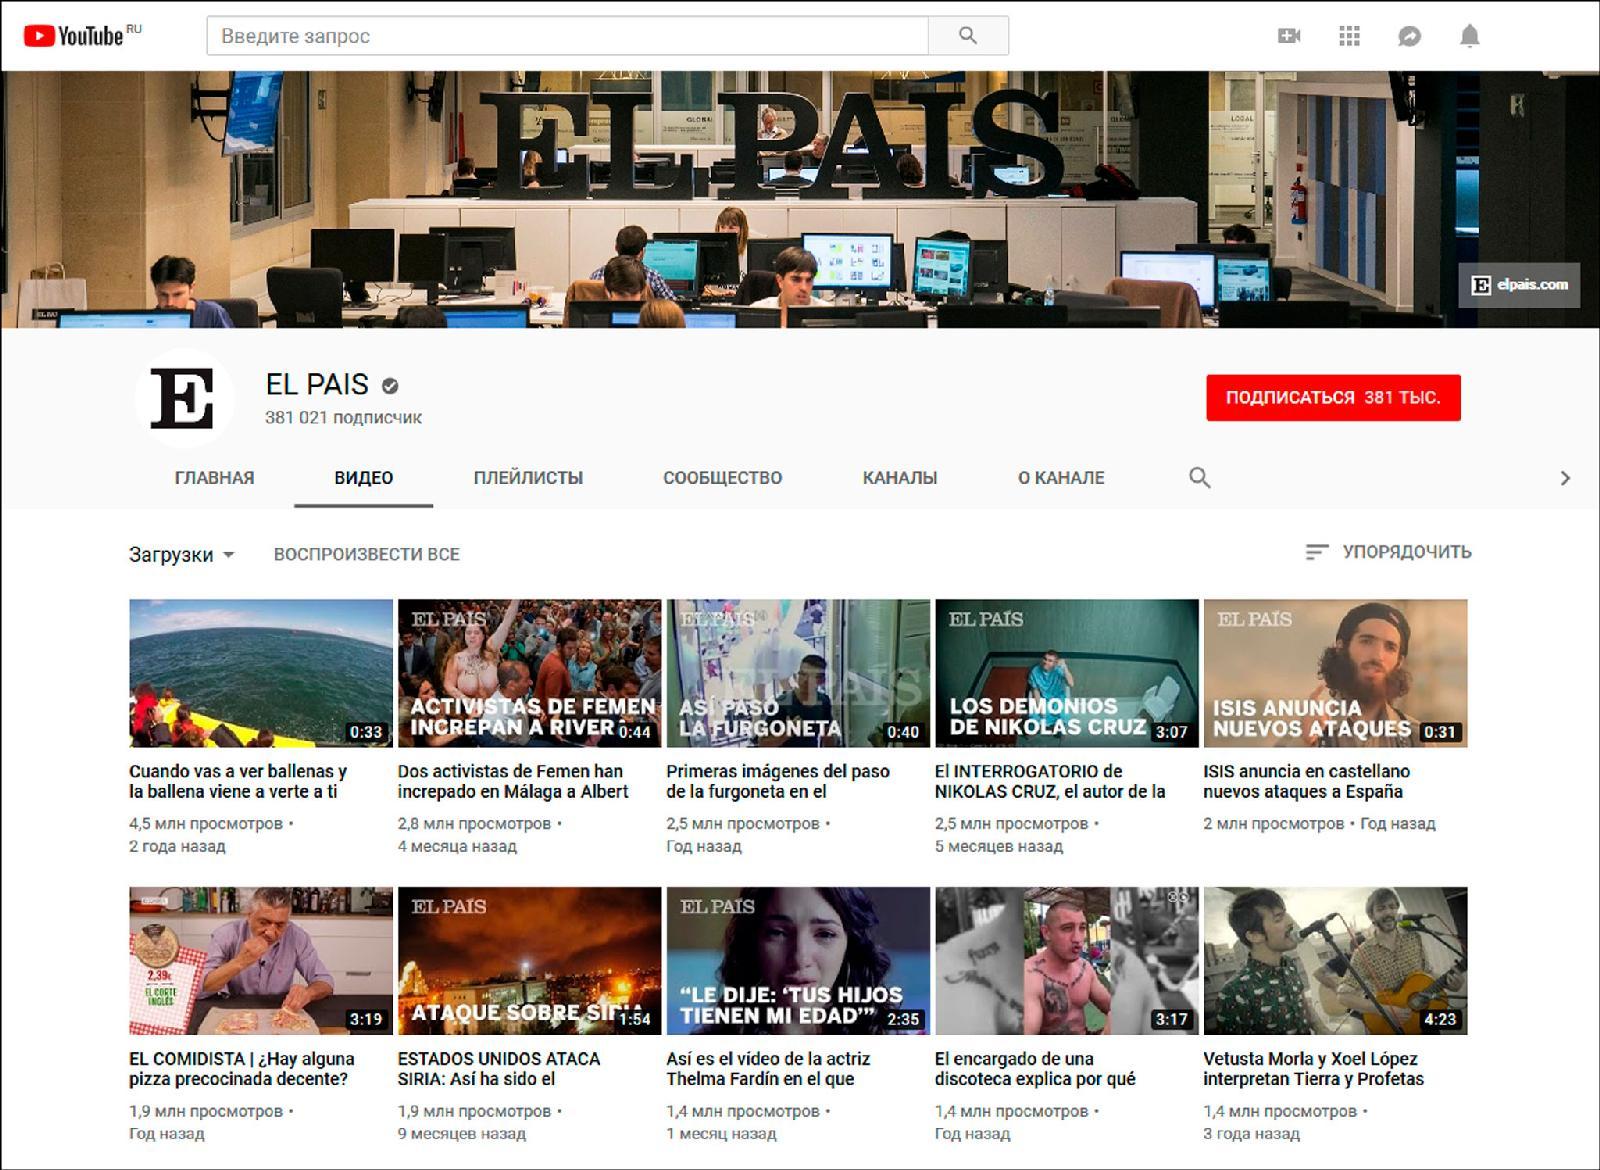 У YouTube-канала издания – 376 тысяч подписчиков. Самые популярные видео набирают 1–2 миллиона просмотров